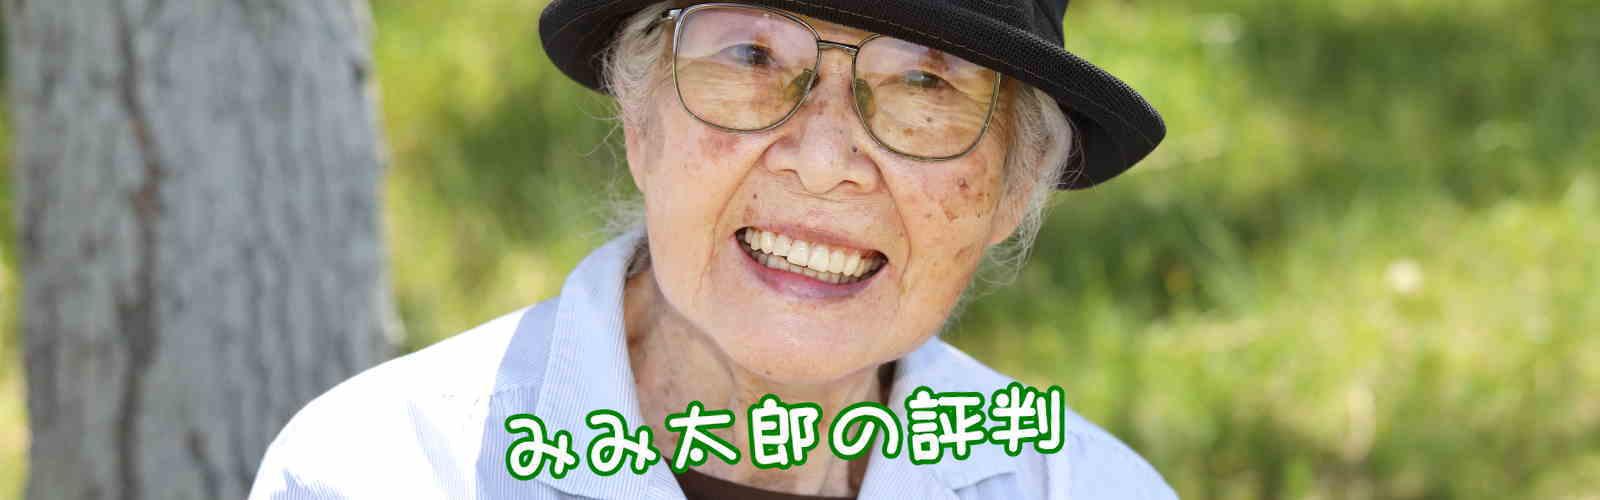 みみ太郎の評判